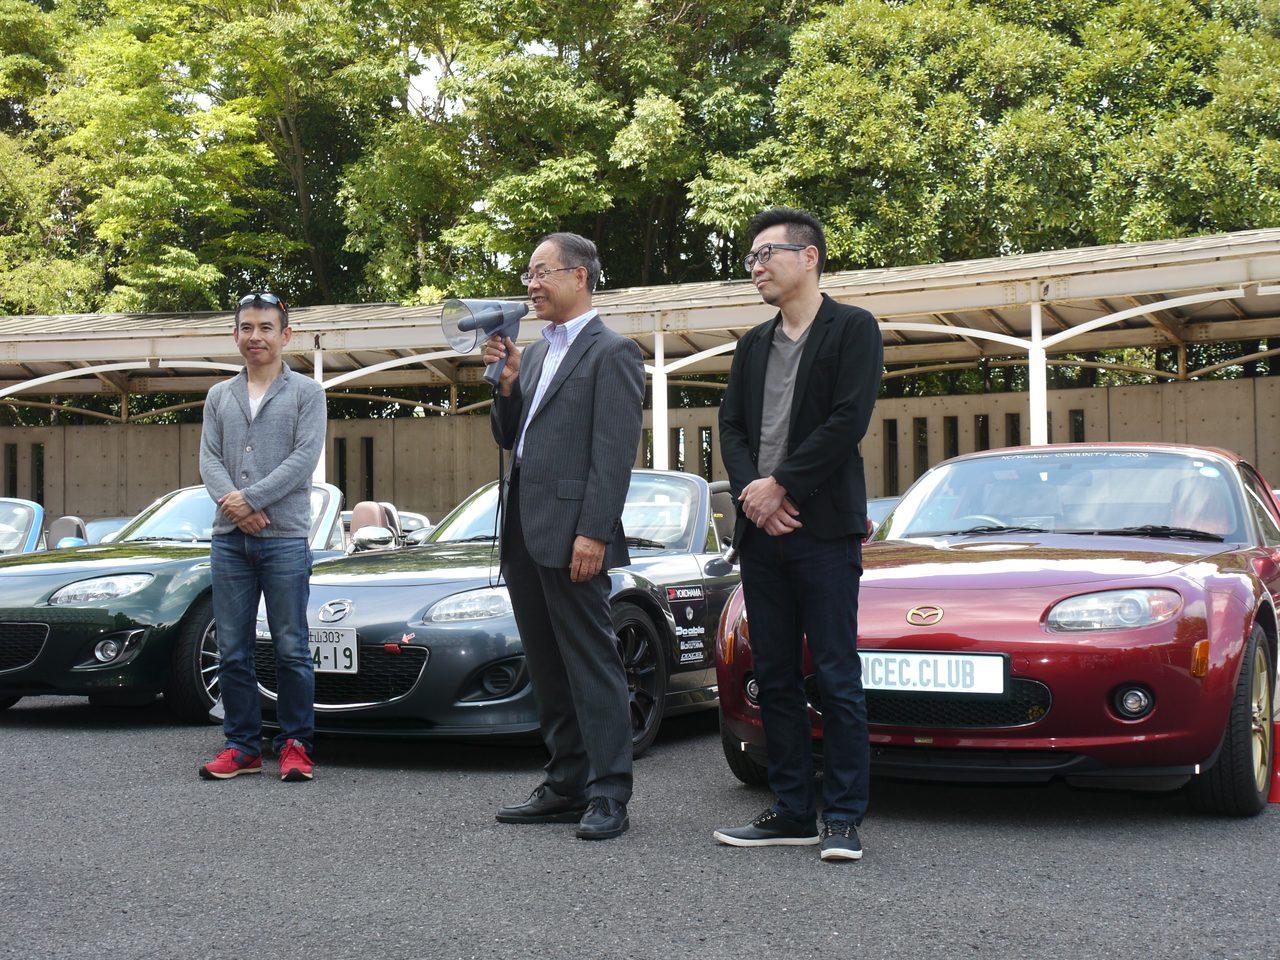 画像: 左から、出来さん・貴島さん・中牟田さん。